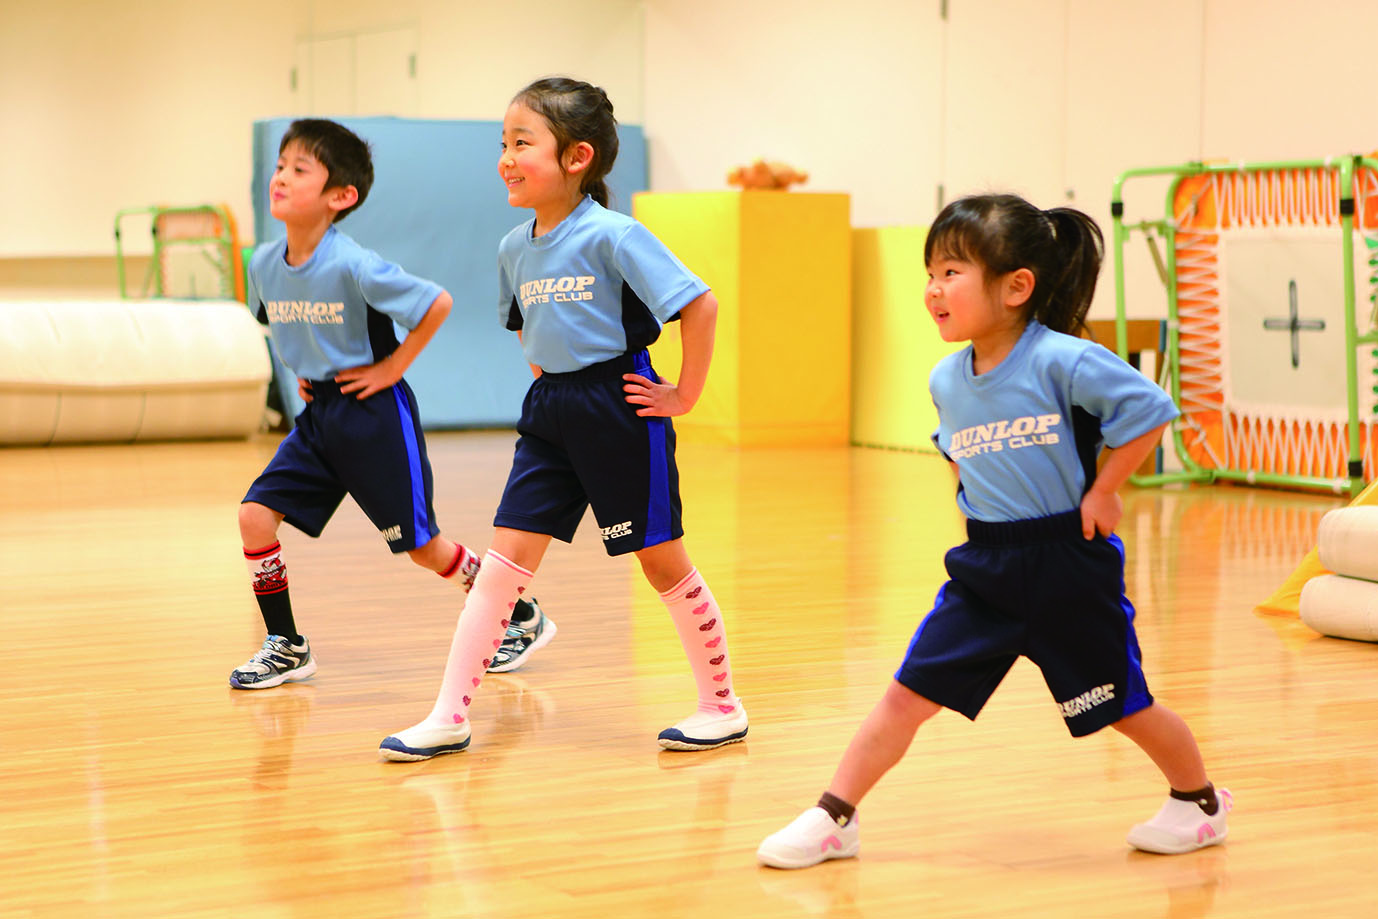 ダンロップスポーツクラブの強化月間で楽しみながら上達する小学生